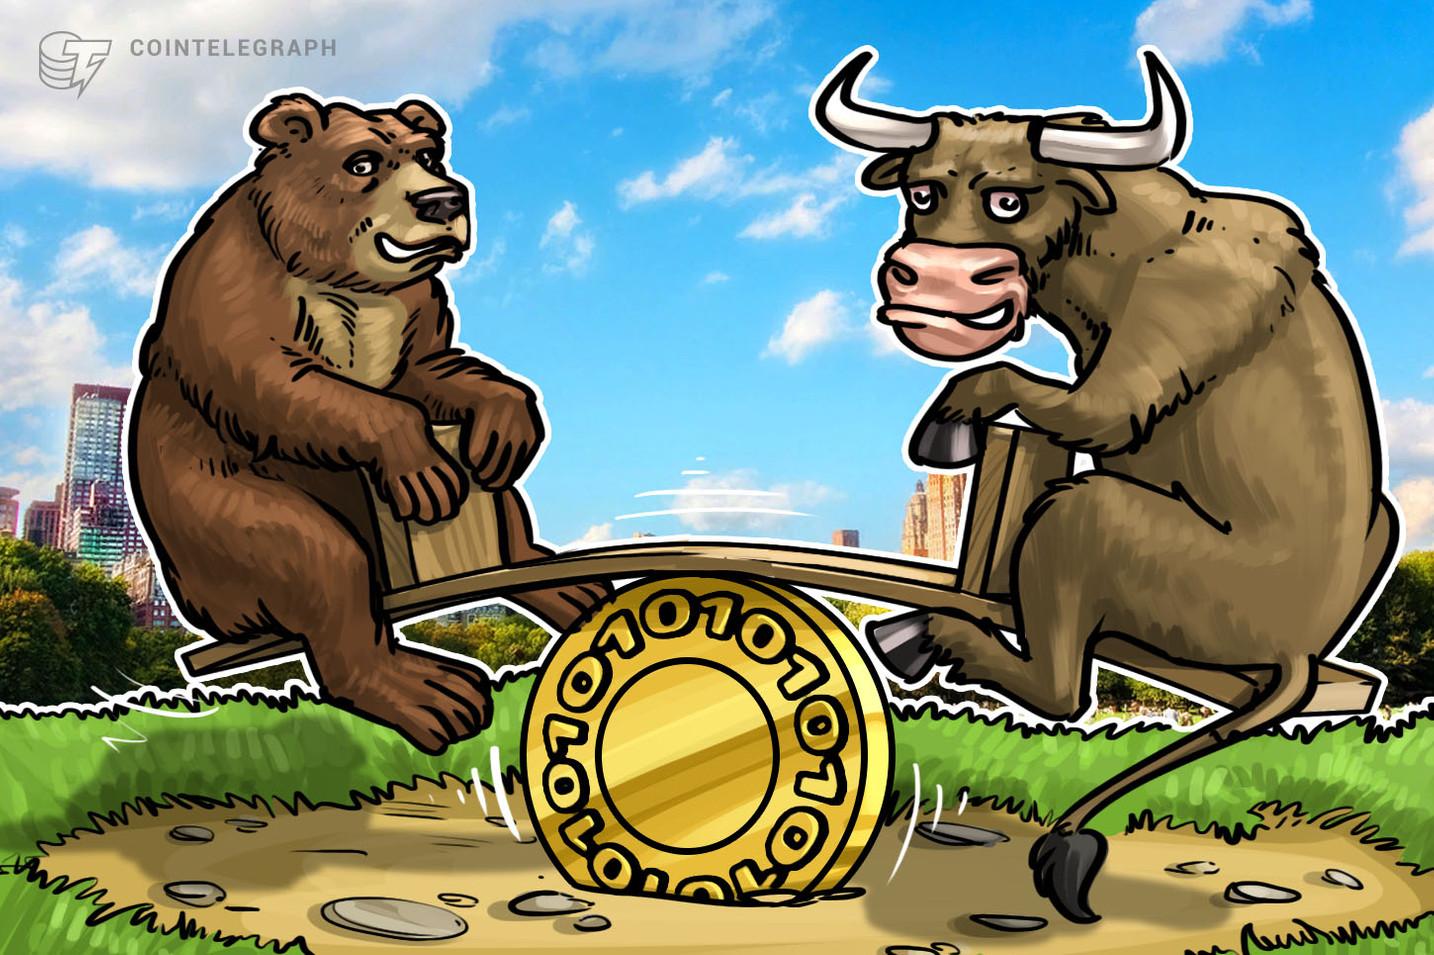 4月17日仮想通貨チャート分析:ビットコイン、イーサ、ビットコインキャッシュ、リップル、ステラ、ライトコイン、カルダノ、NEO、EOS